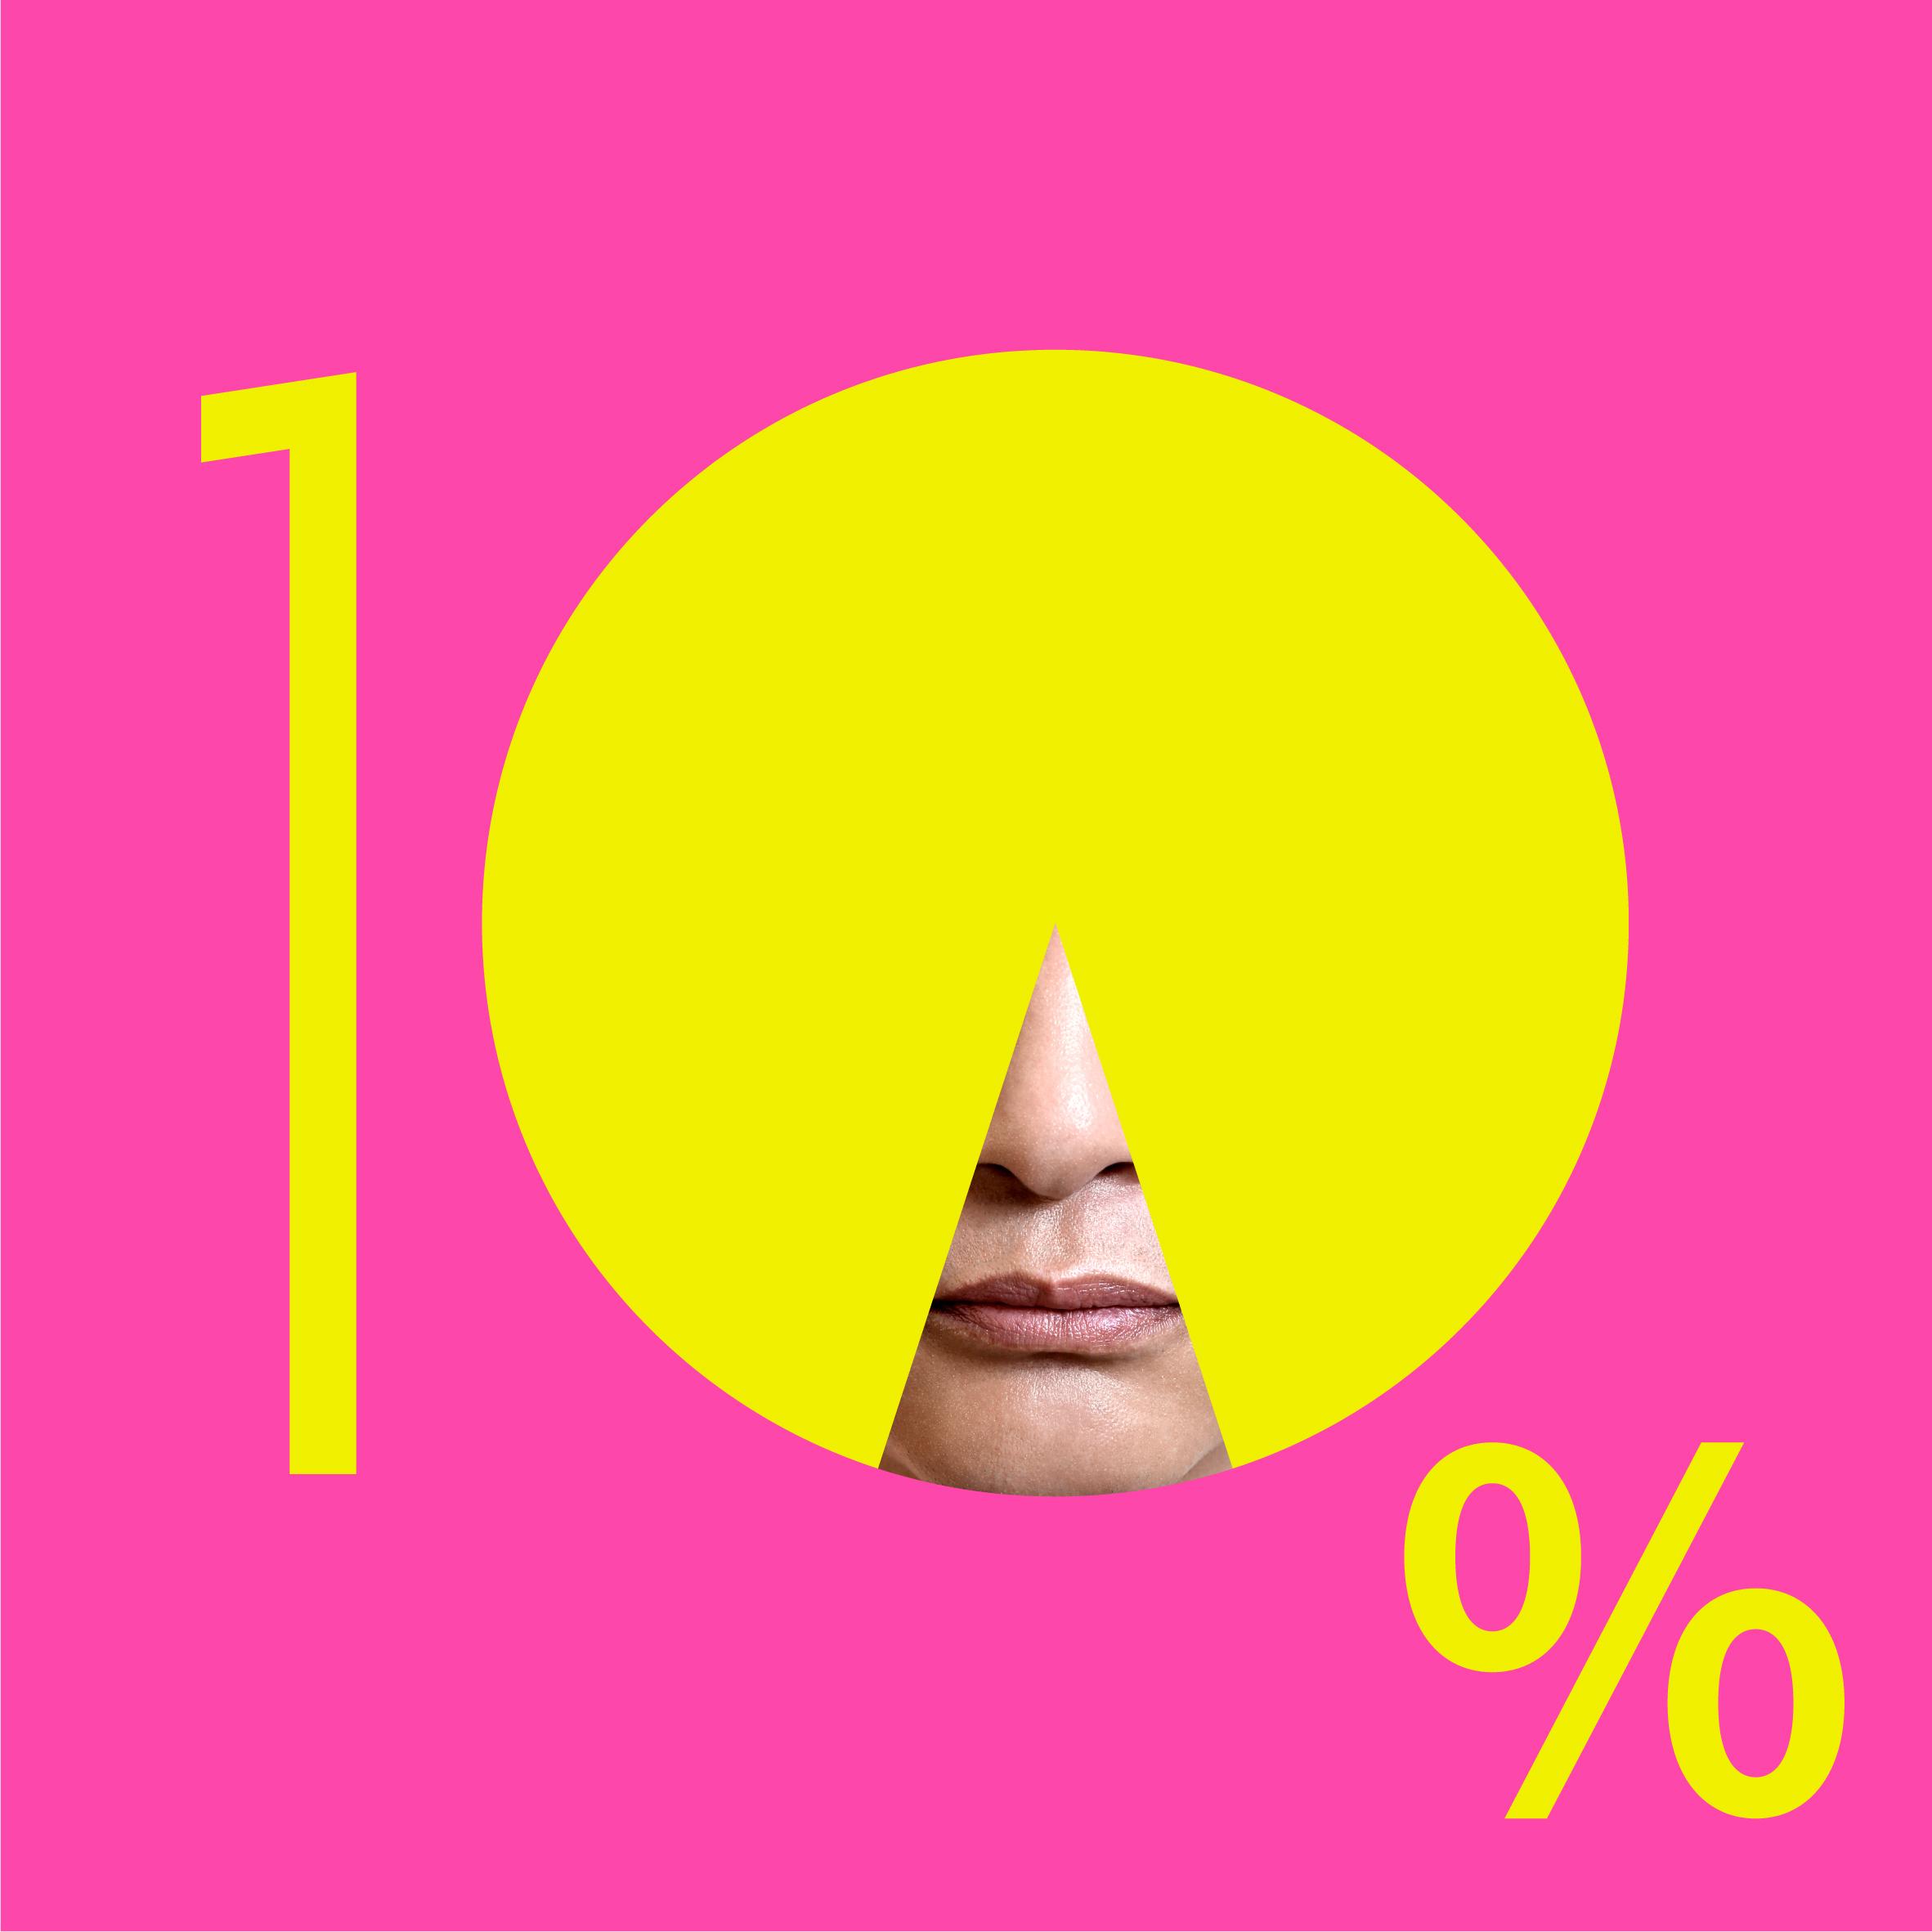 香取慎吾 (かとりしんご) 配信限定シングル『10%』(2019年10月1日発売) 高画質ジャケット画像 (ジャケ写)